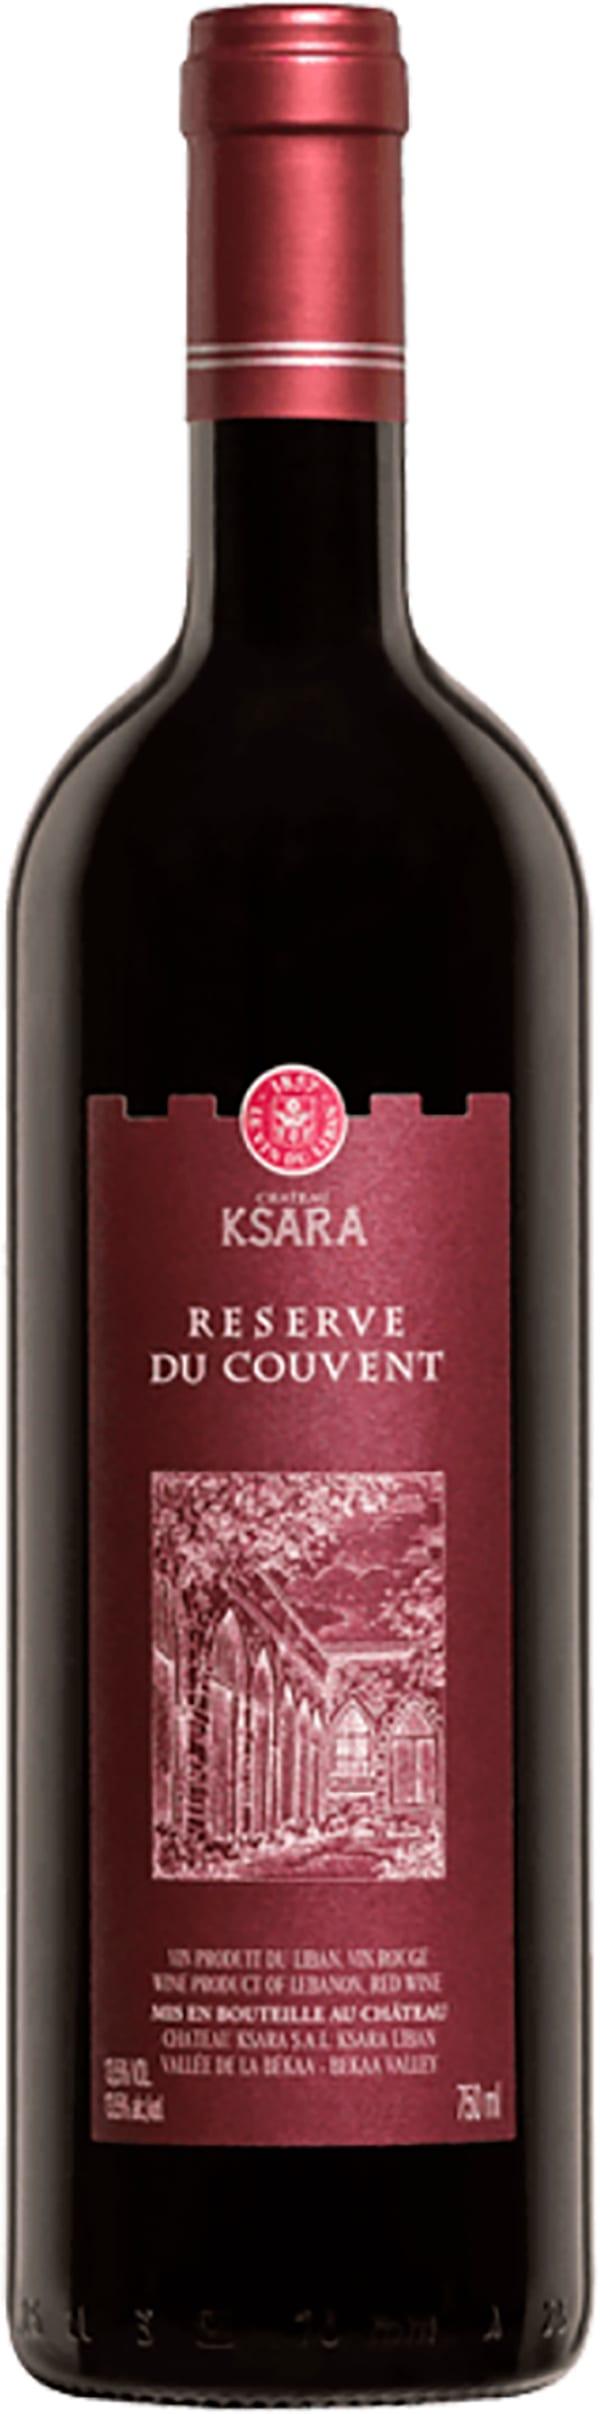 Château Ksara Reserve du Couvent 2017